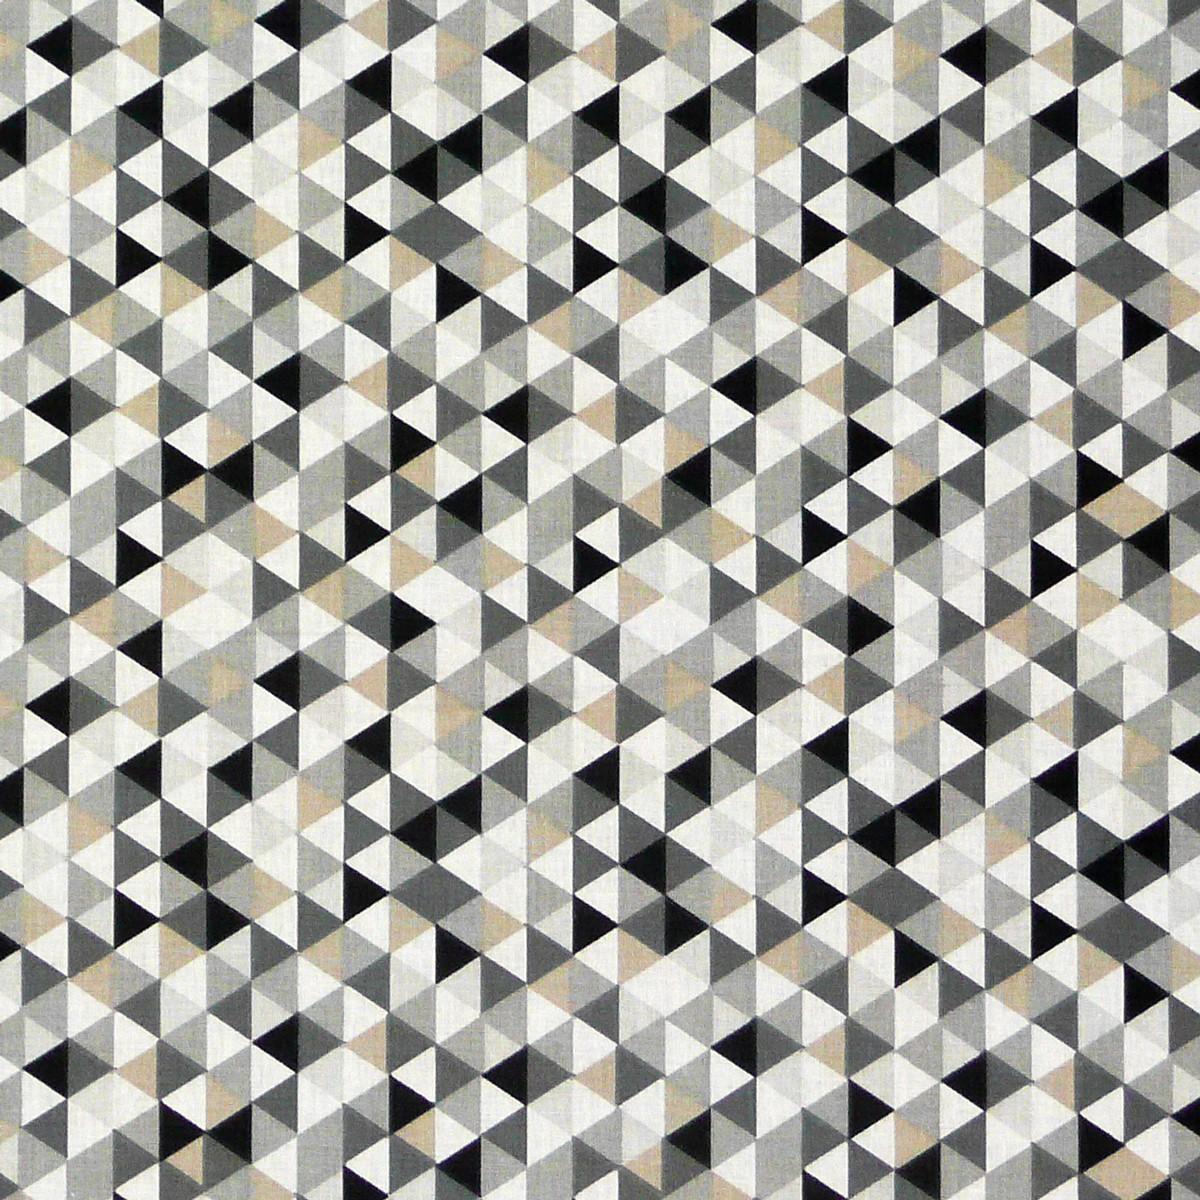 baumwollstoff dreiecke wei schwarz grau alle stoffe stoffe gemustert stoff retro. Black Bedroom Furniture Sets. Home Design Ideas